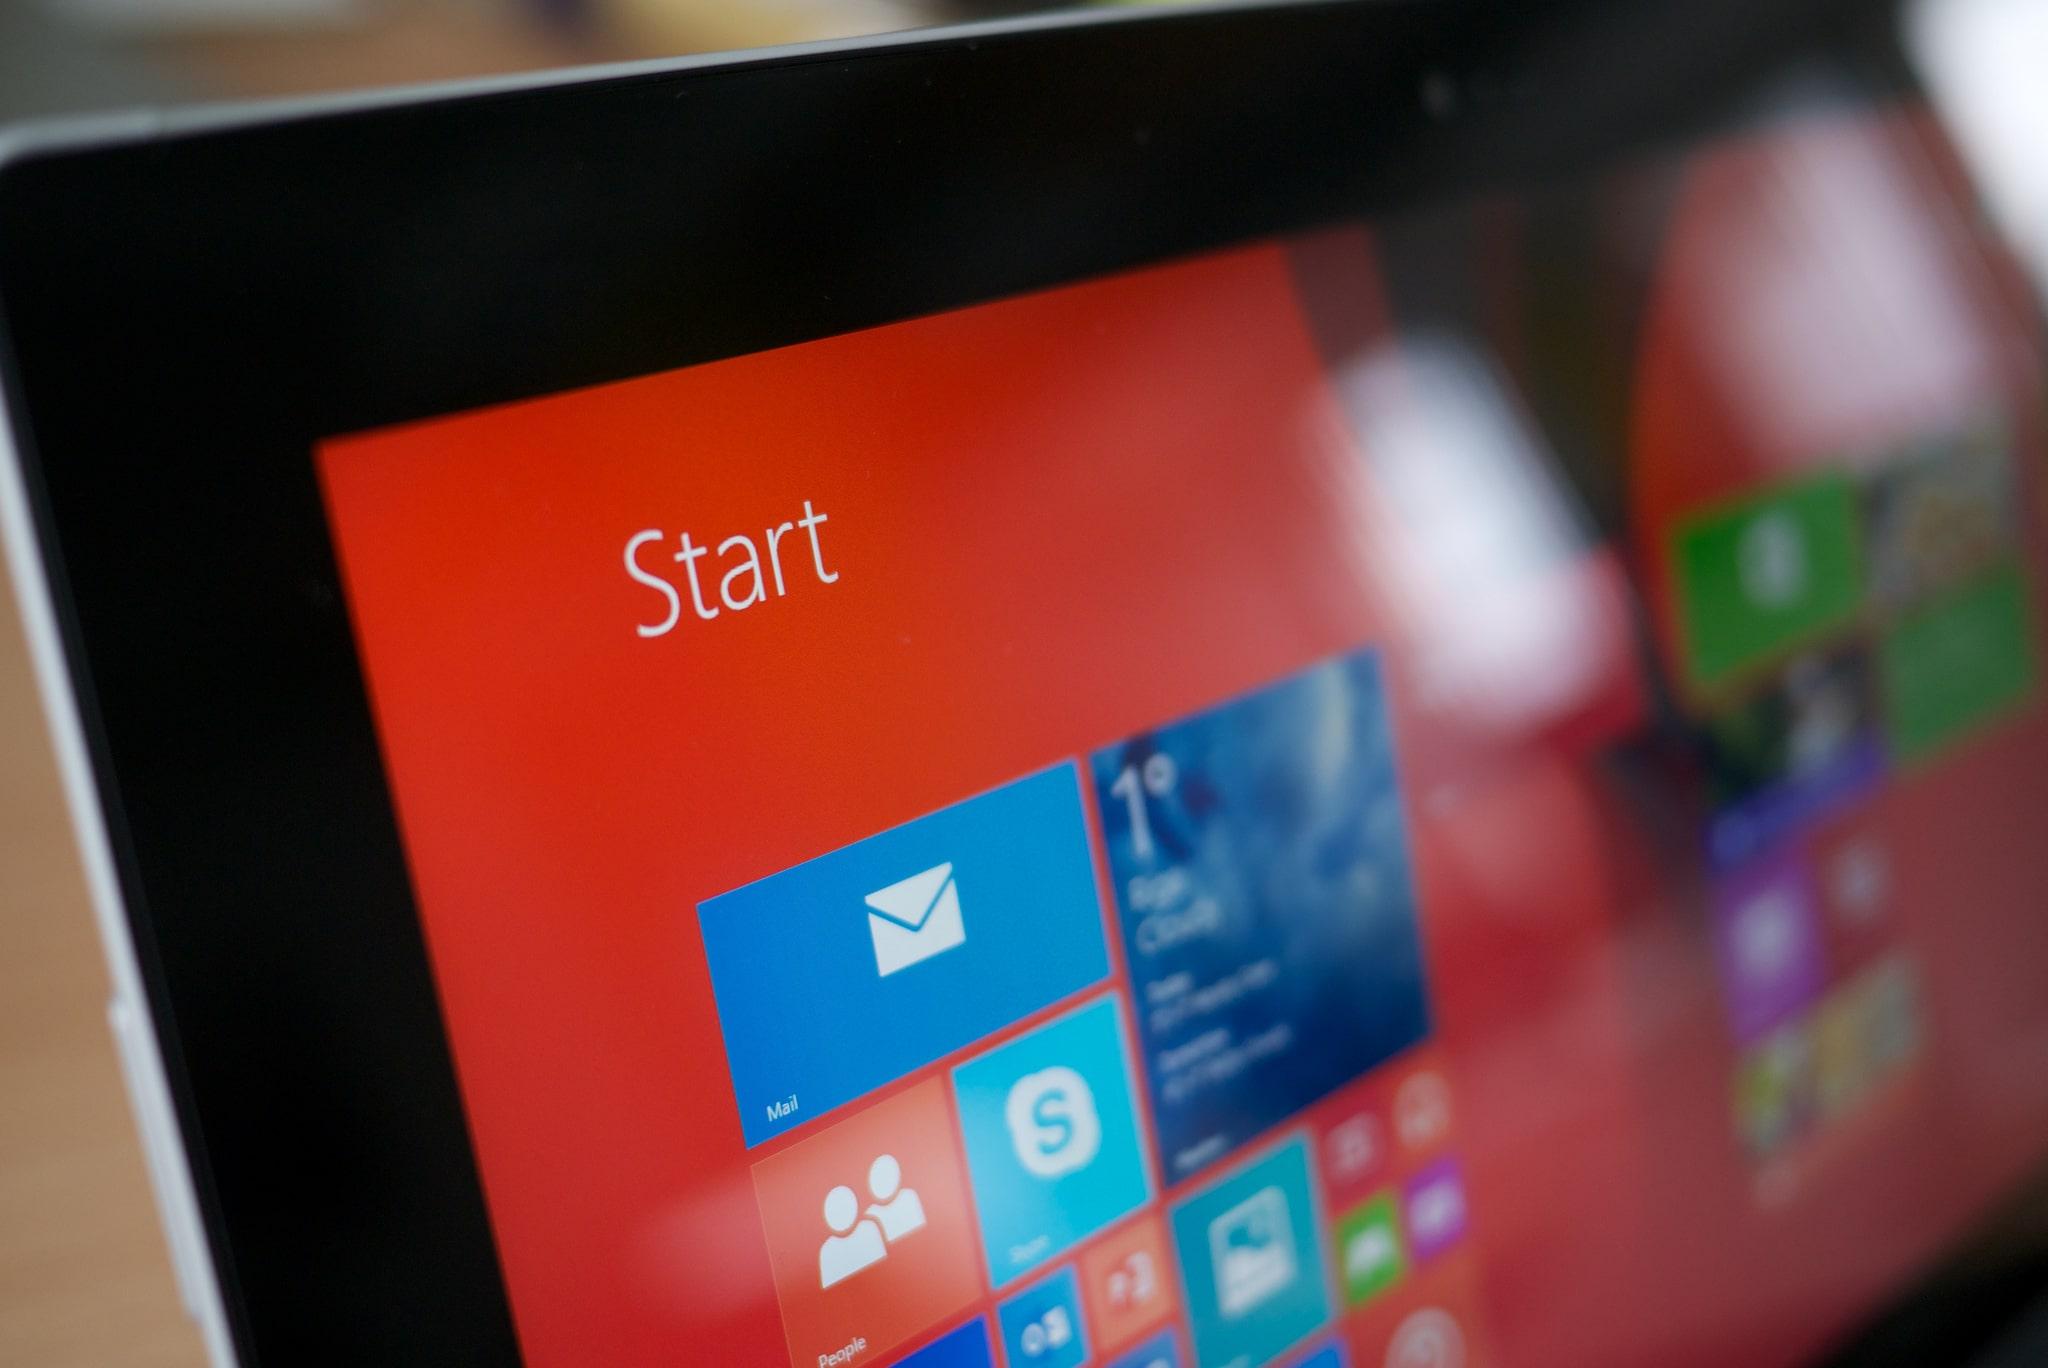 Guide d'achat : comment bien choisir sa tablette PC hybride 2 en 1 ?